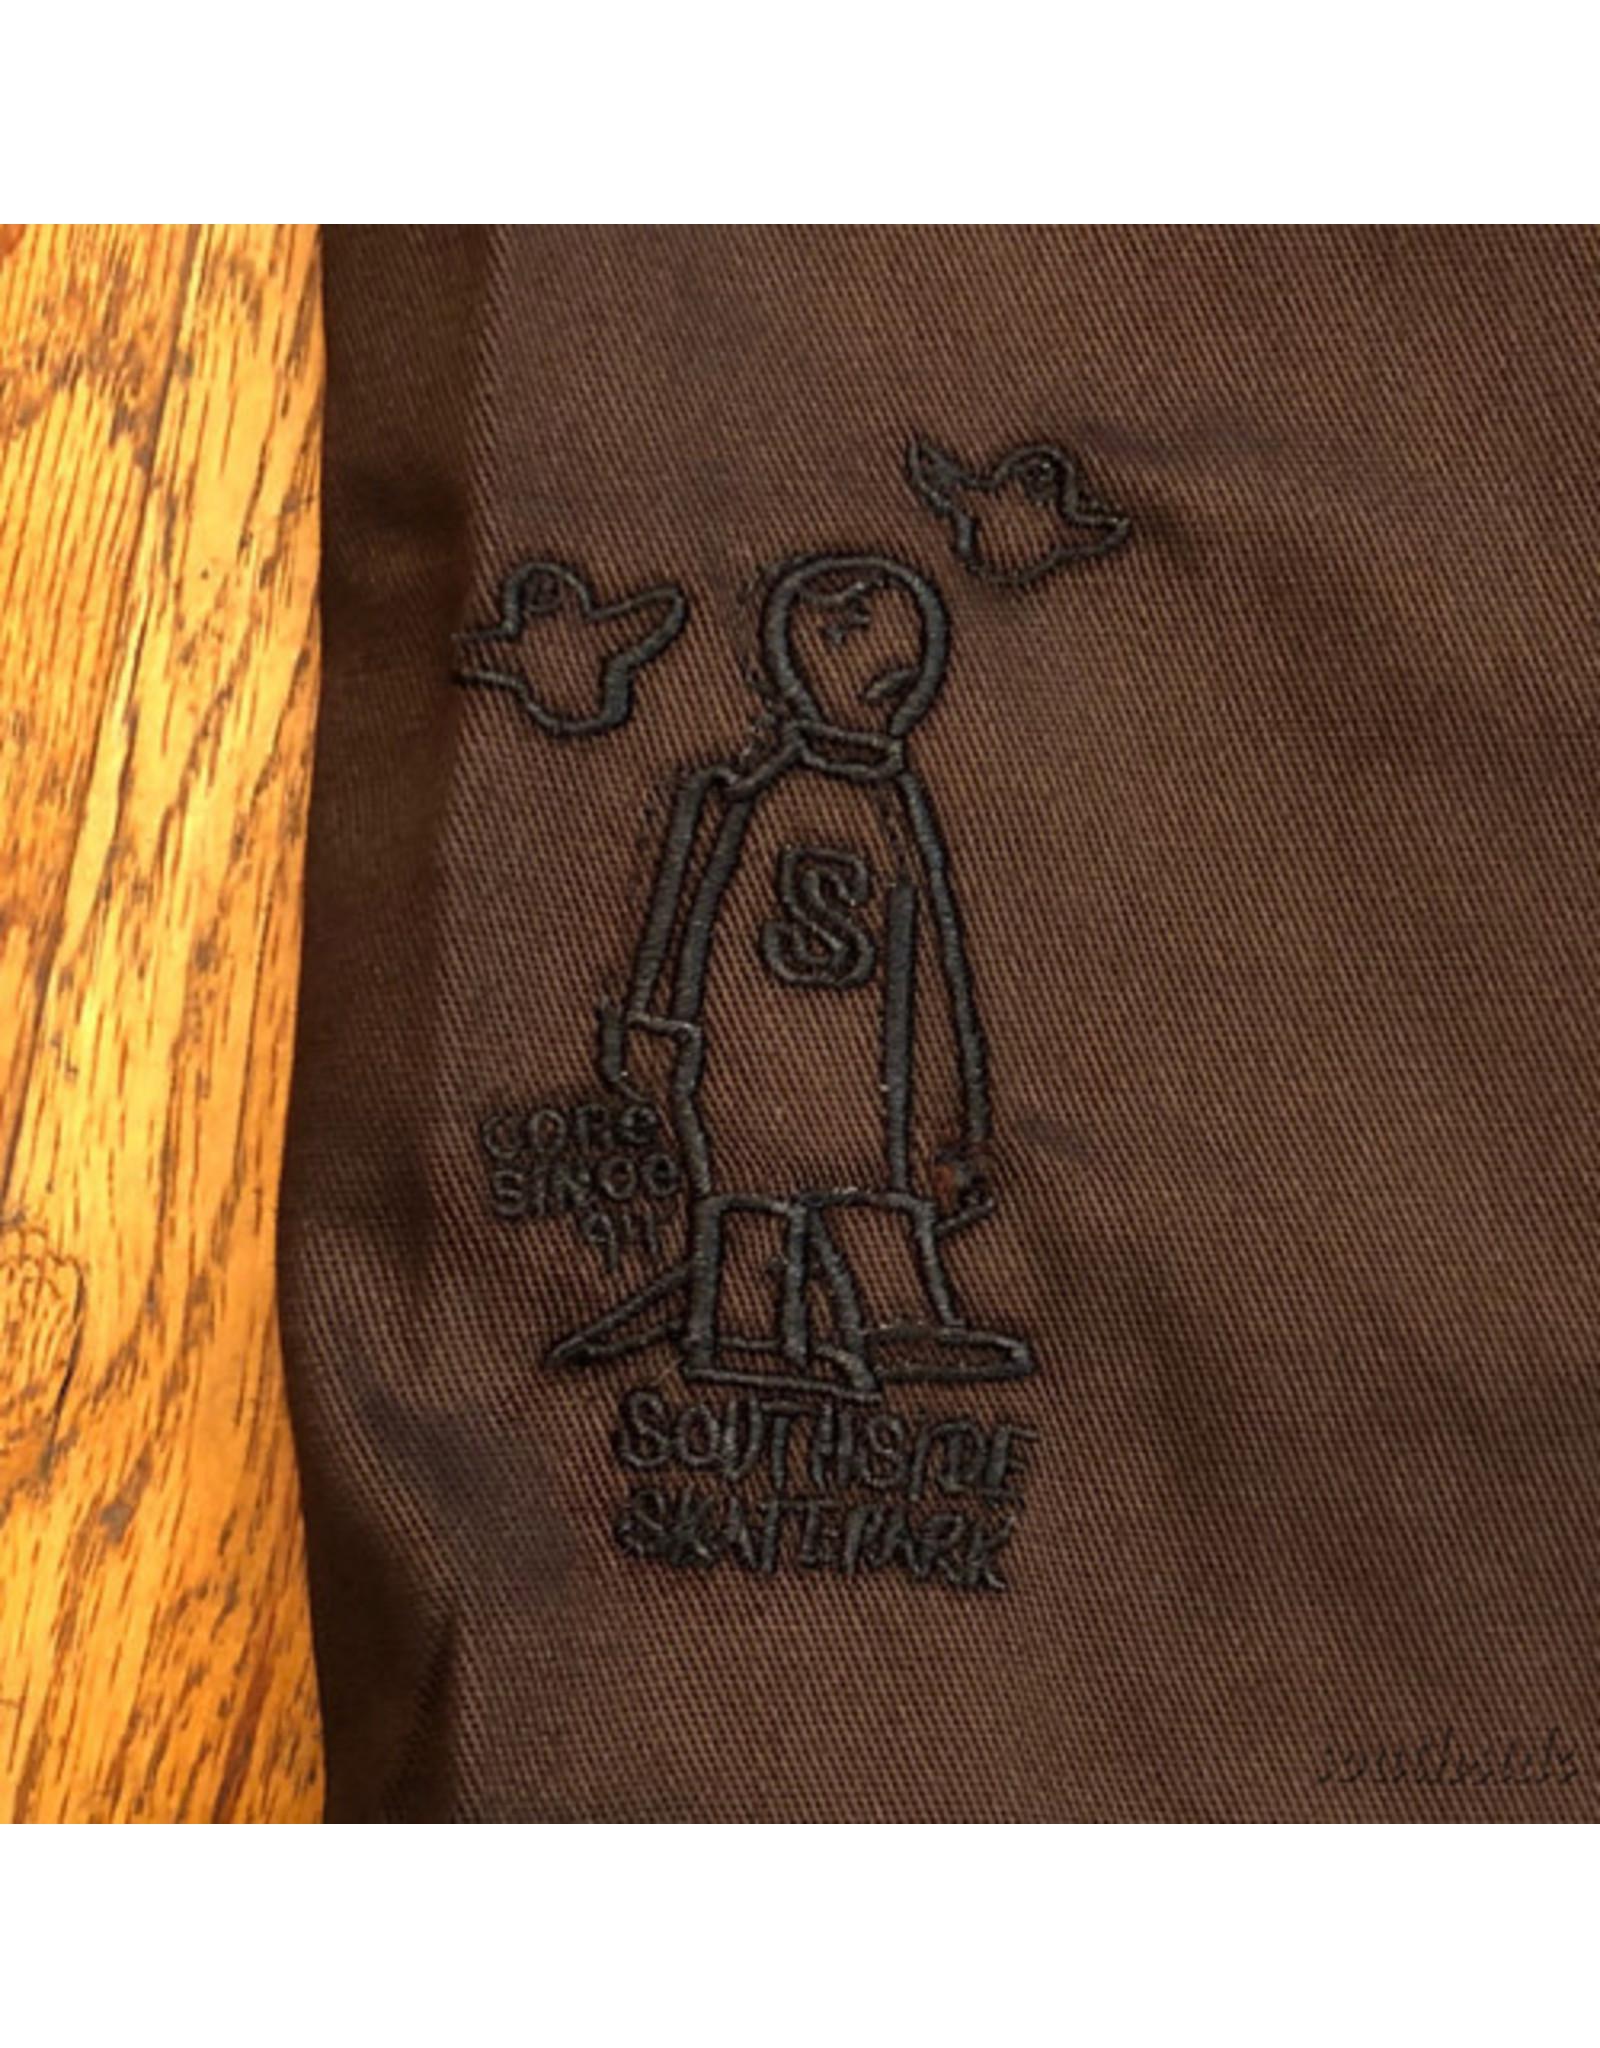 Southside Southside Gonz 94 Short Brown Black Embroidered